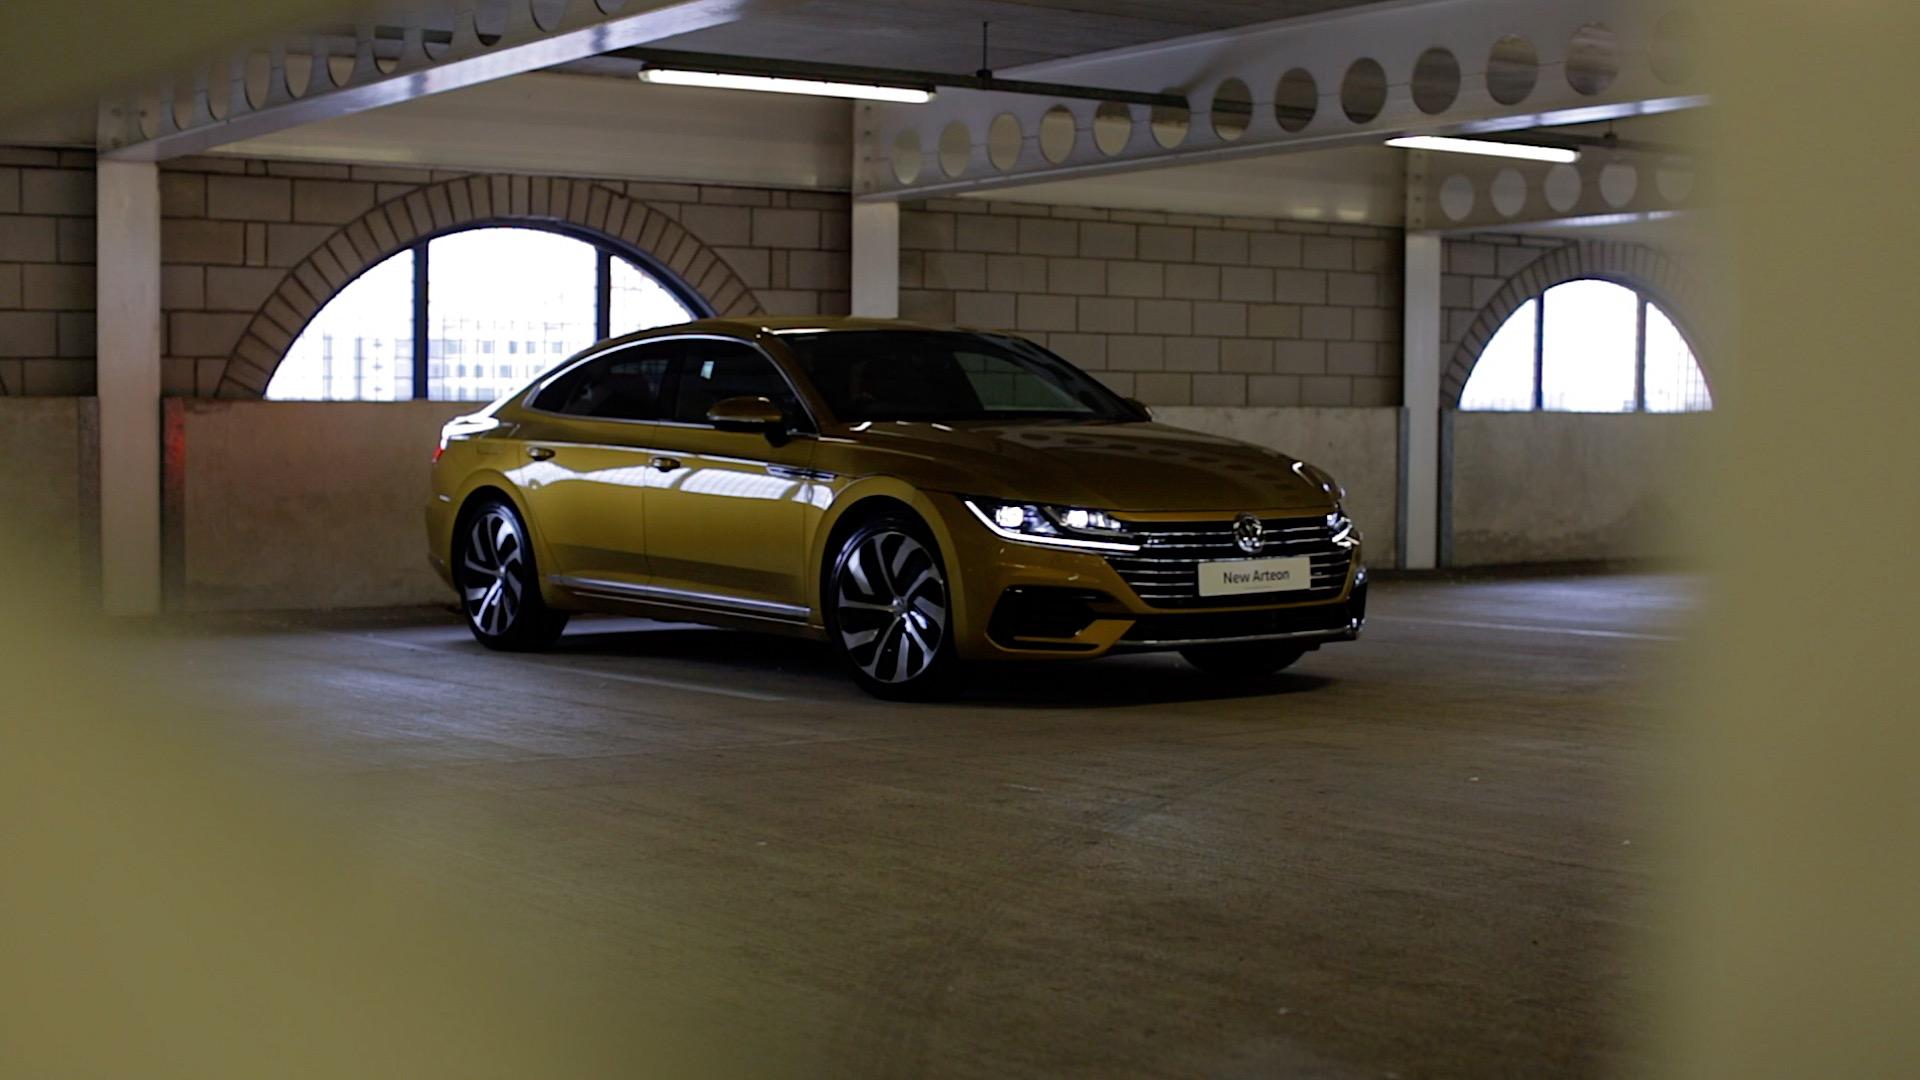 Agnew Volkswagen Arteon image